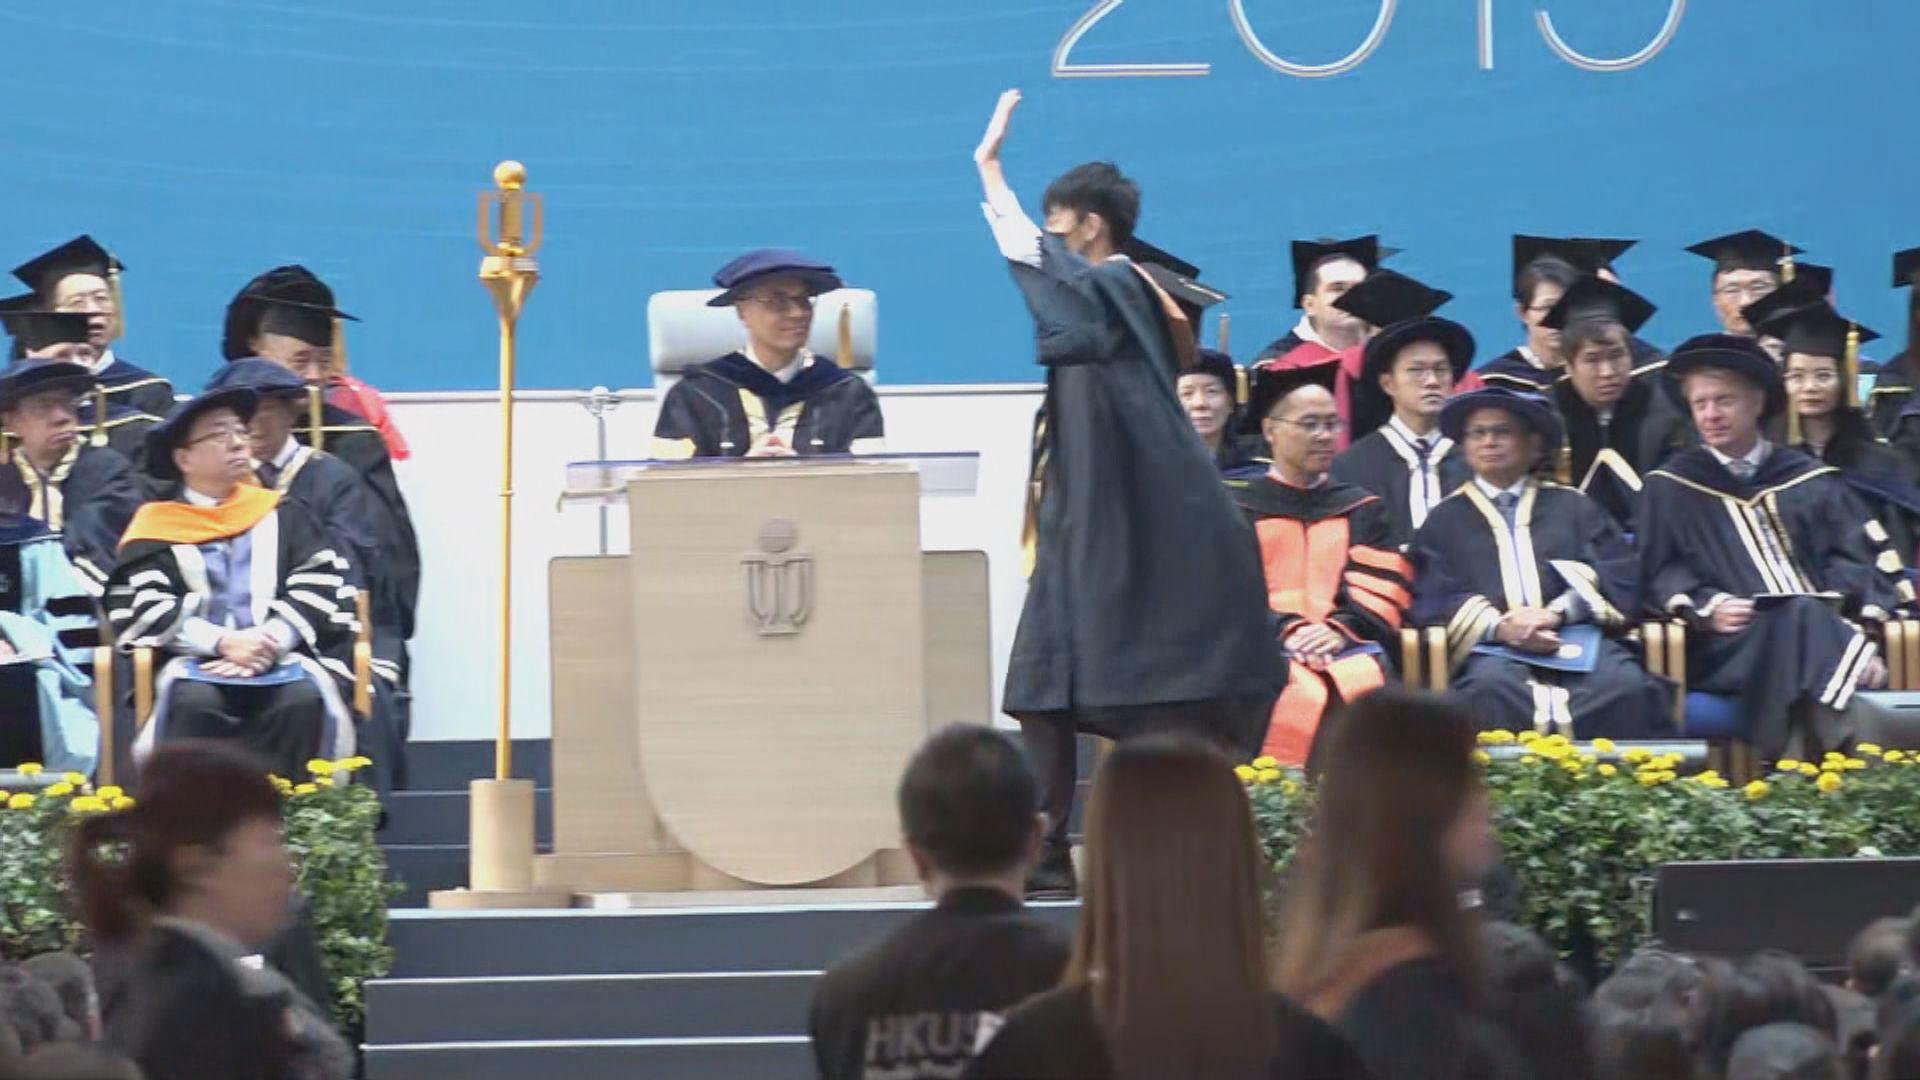 科大畢業禮有學生叫口號及示威